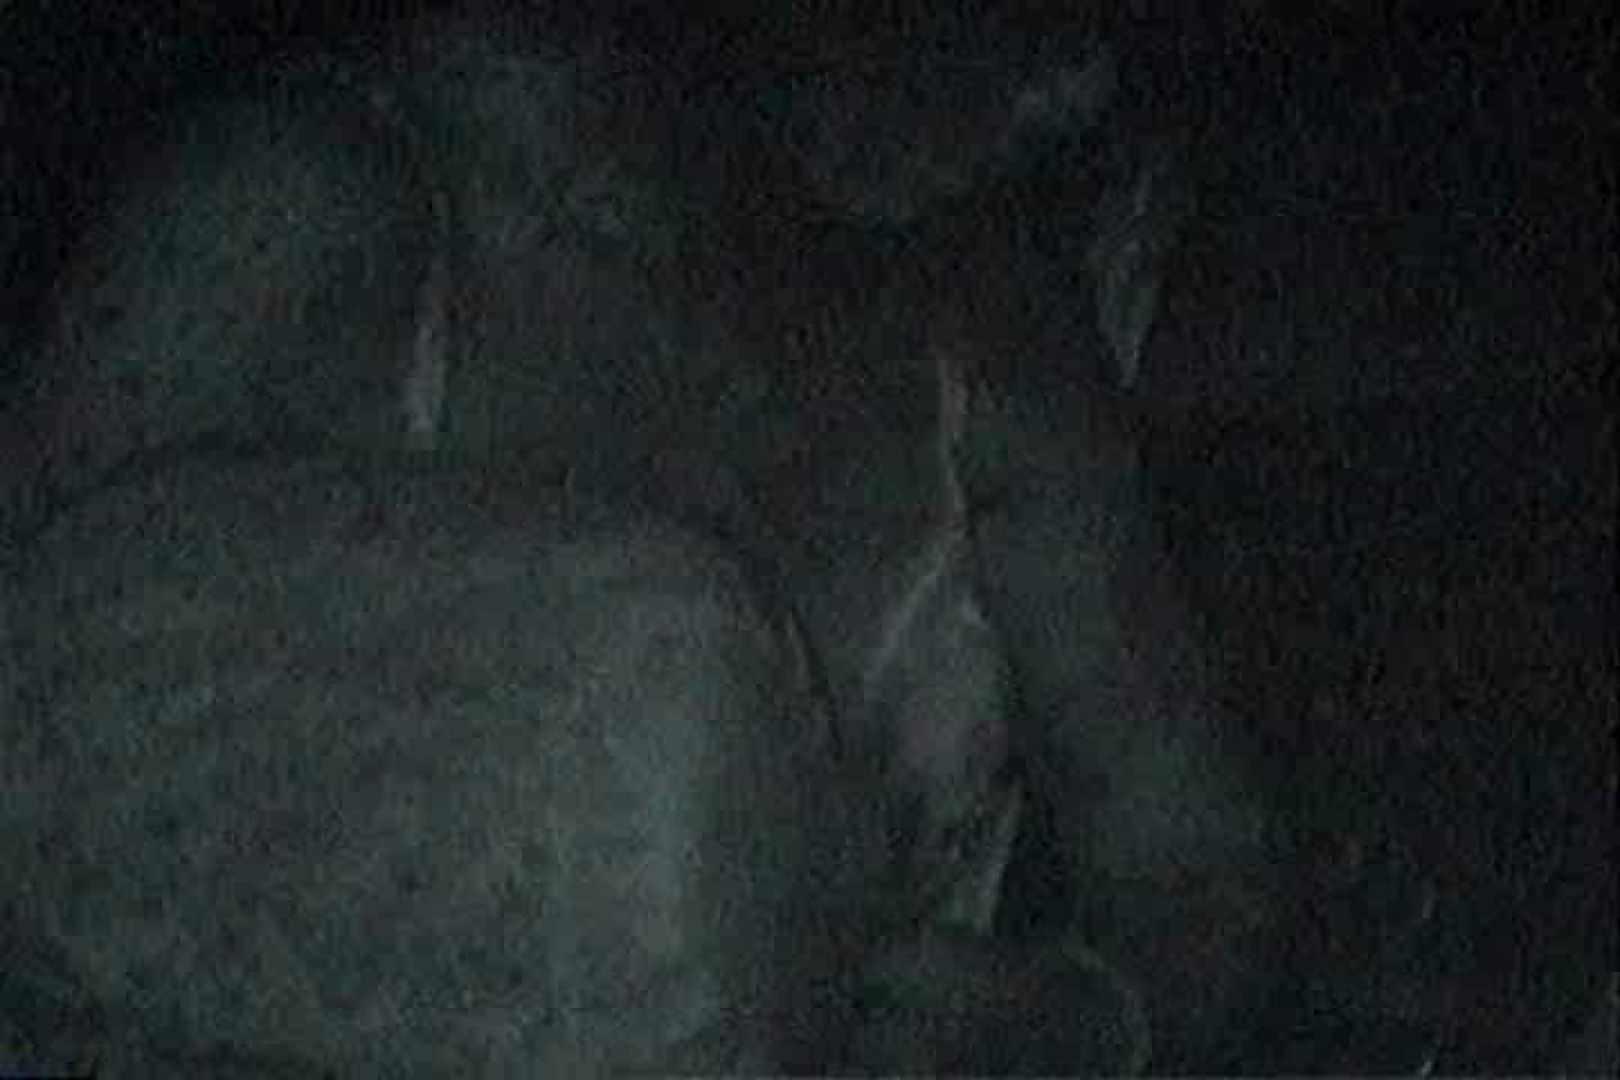 充血監督の深夜の運動会Vol.139 OL女体 覗きおまんこ画像 87連発 72